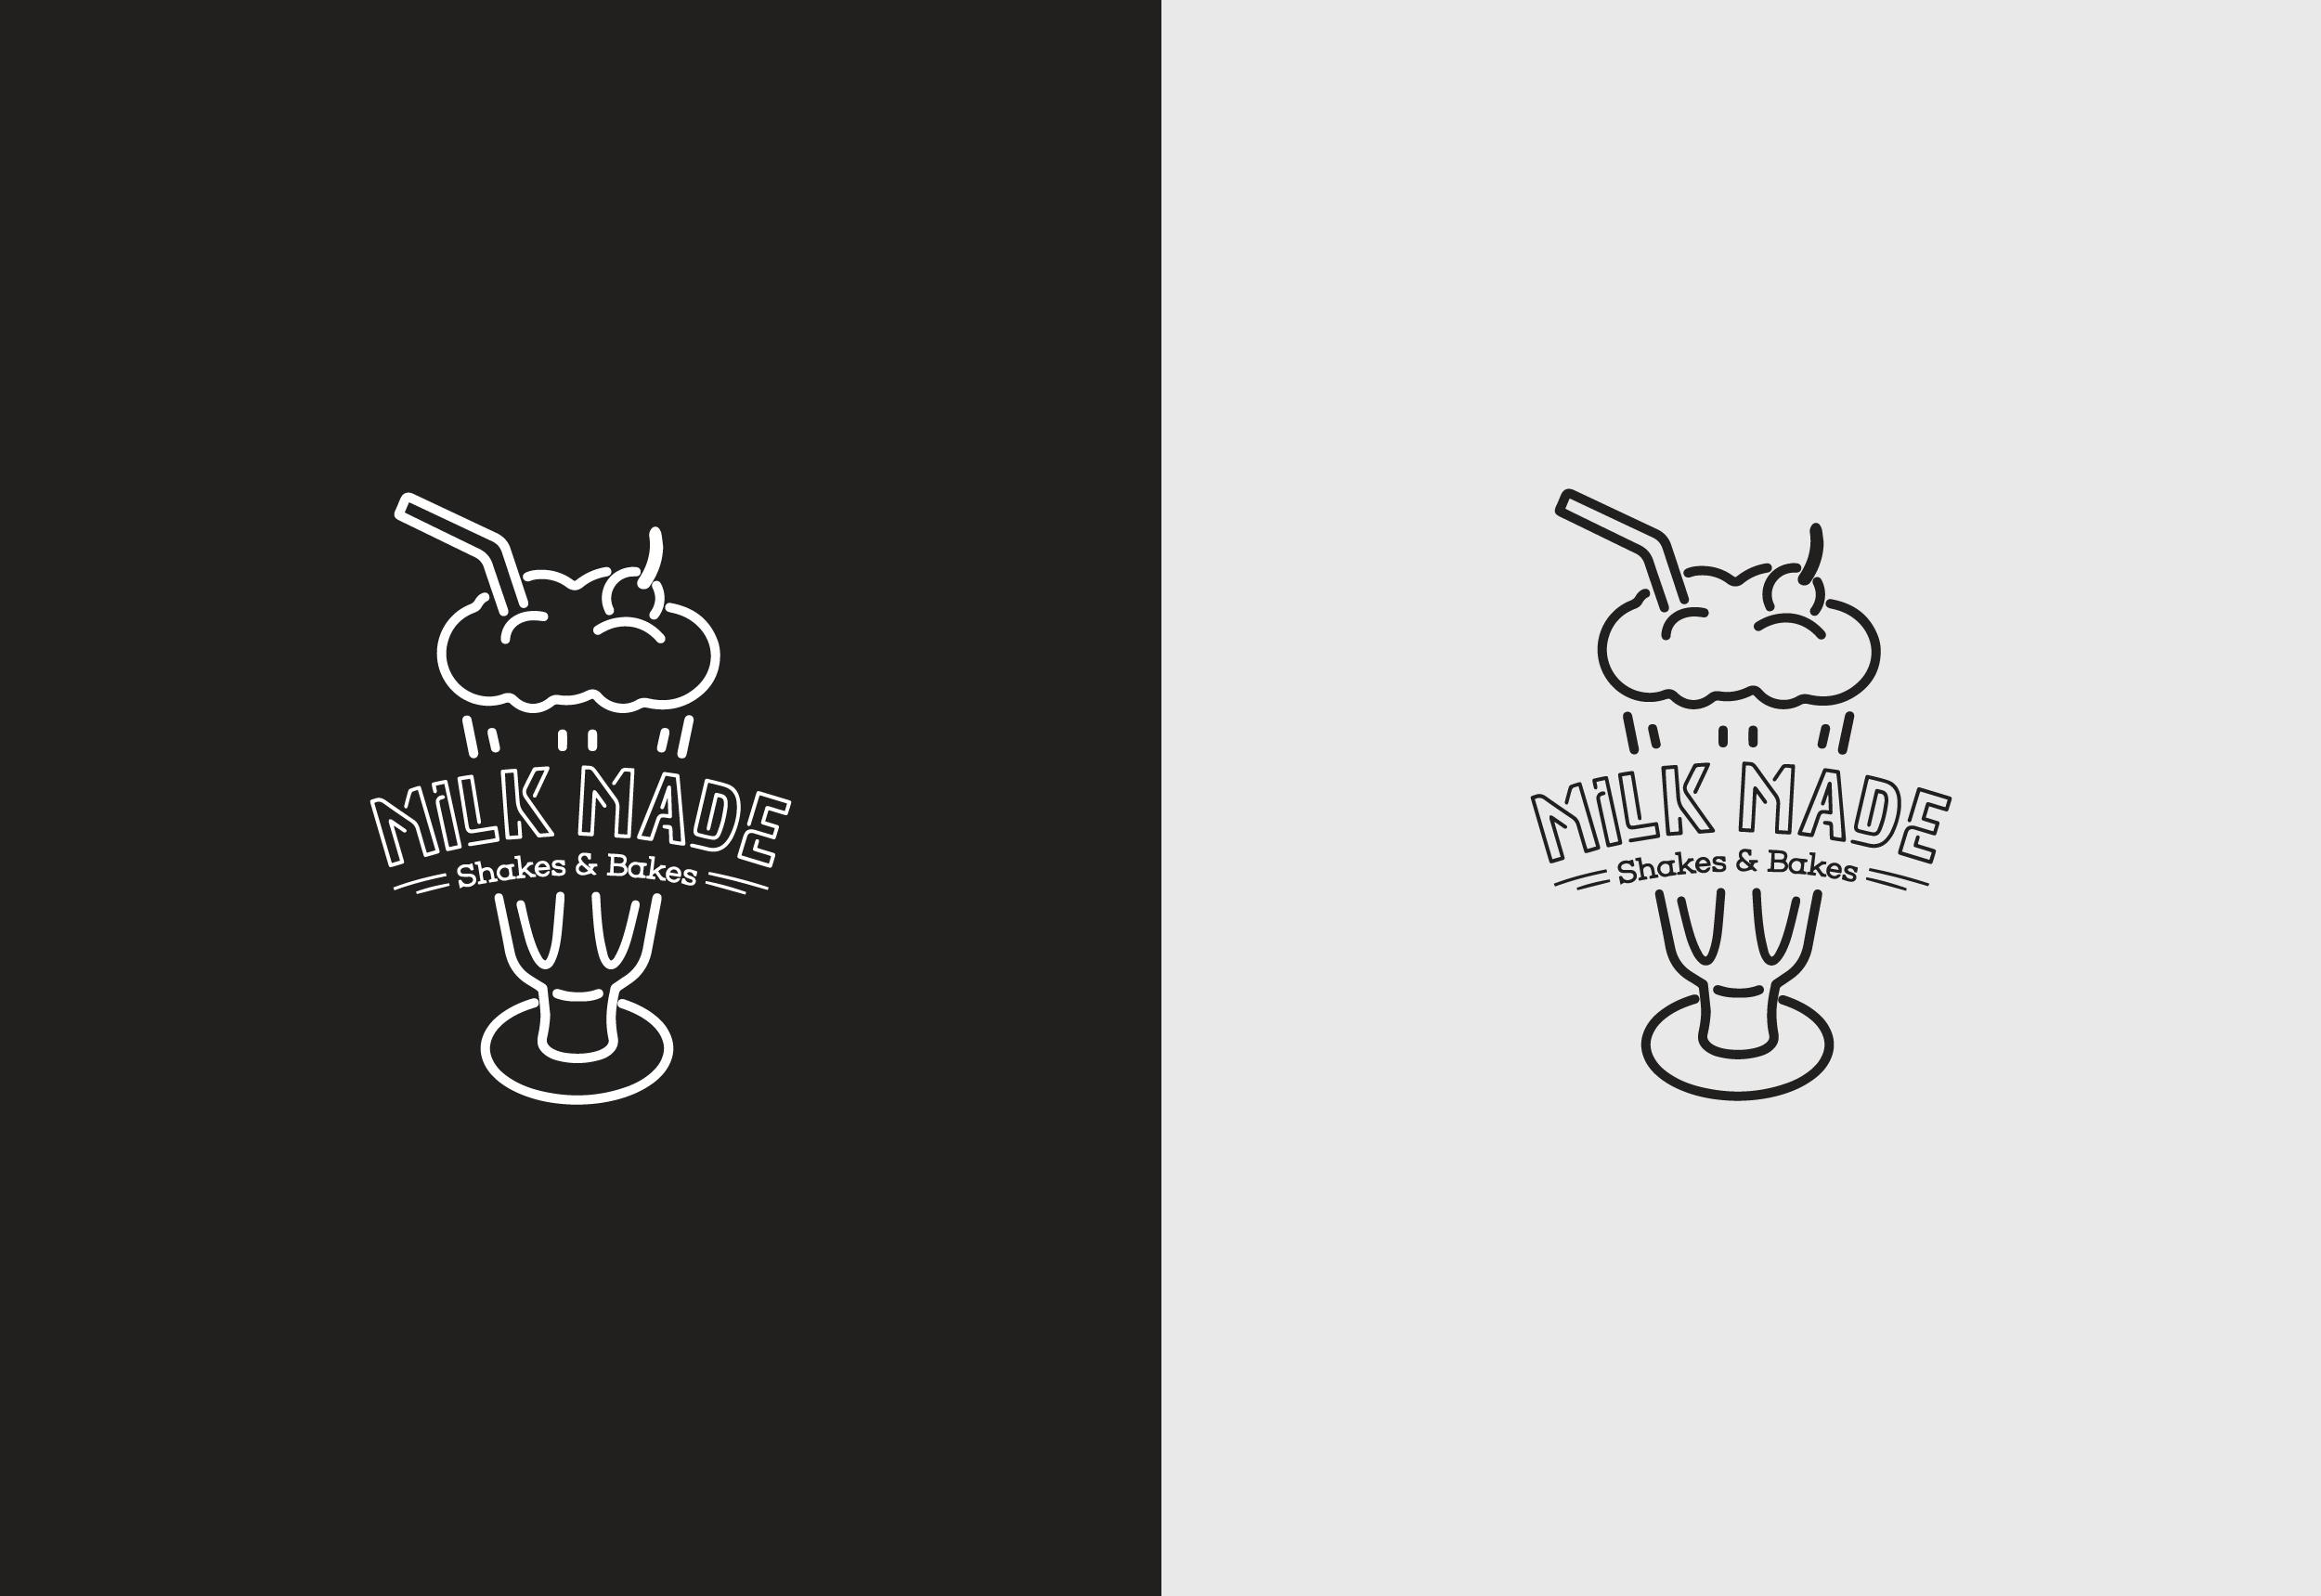 Milkmade-logo-BW.png